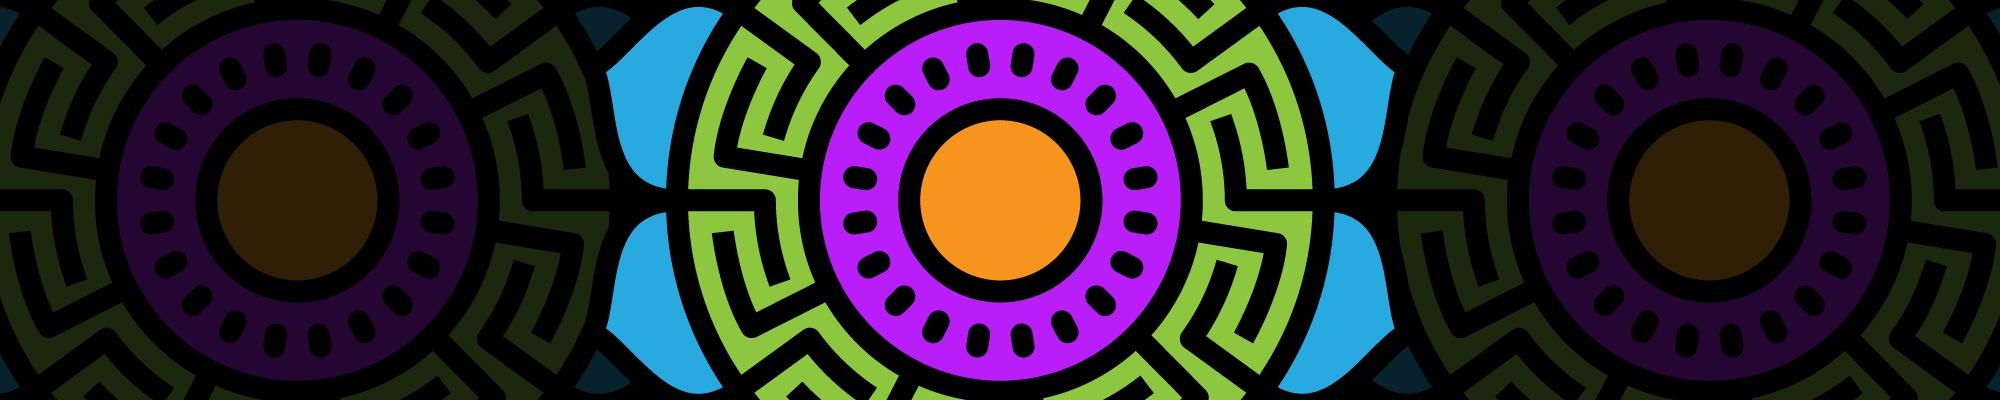 atomiclotus Cover